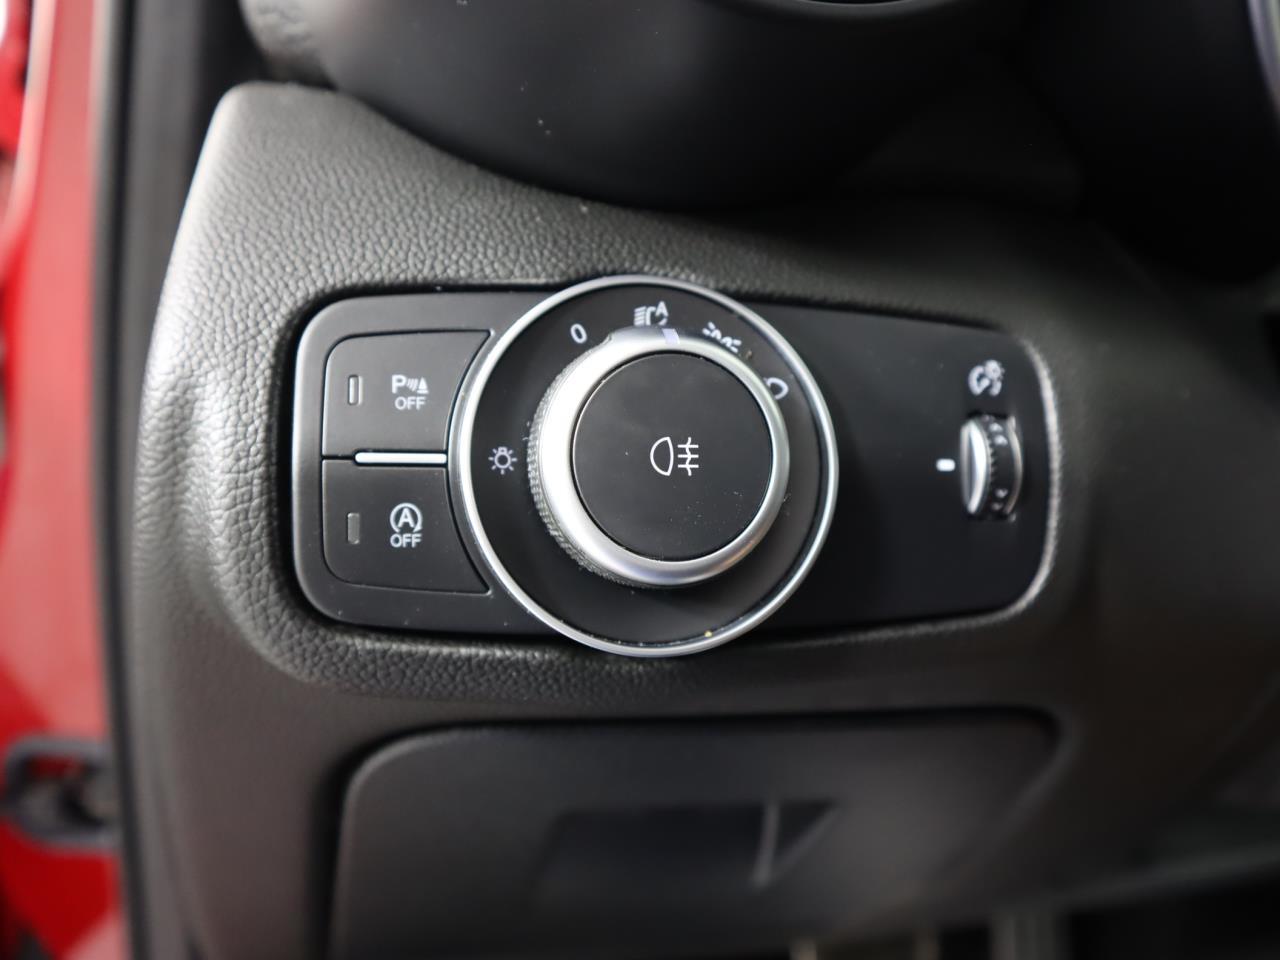 used vehicle - Sedan ALFA ROMEO GIULIA 2017